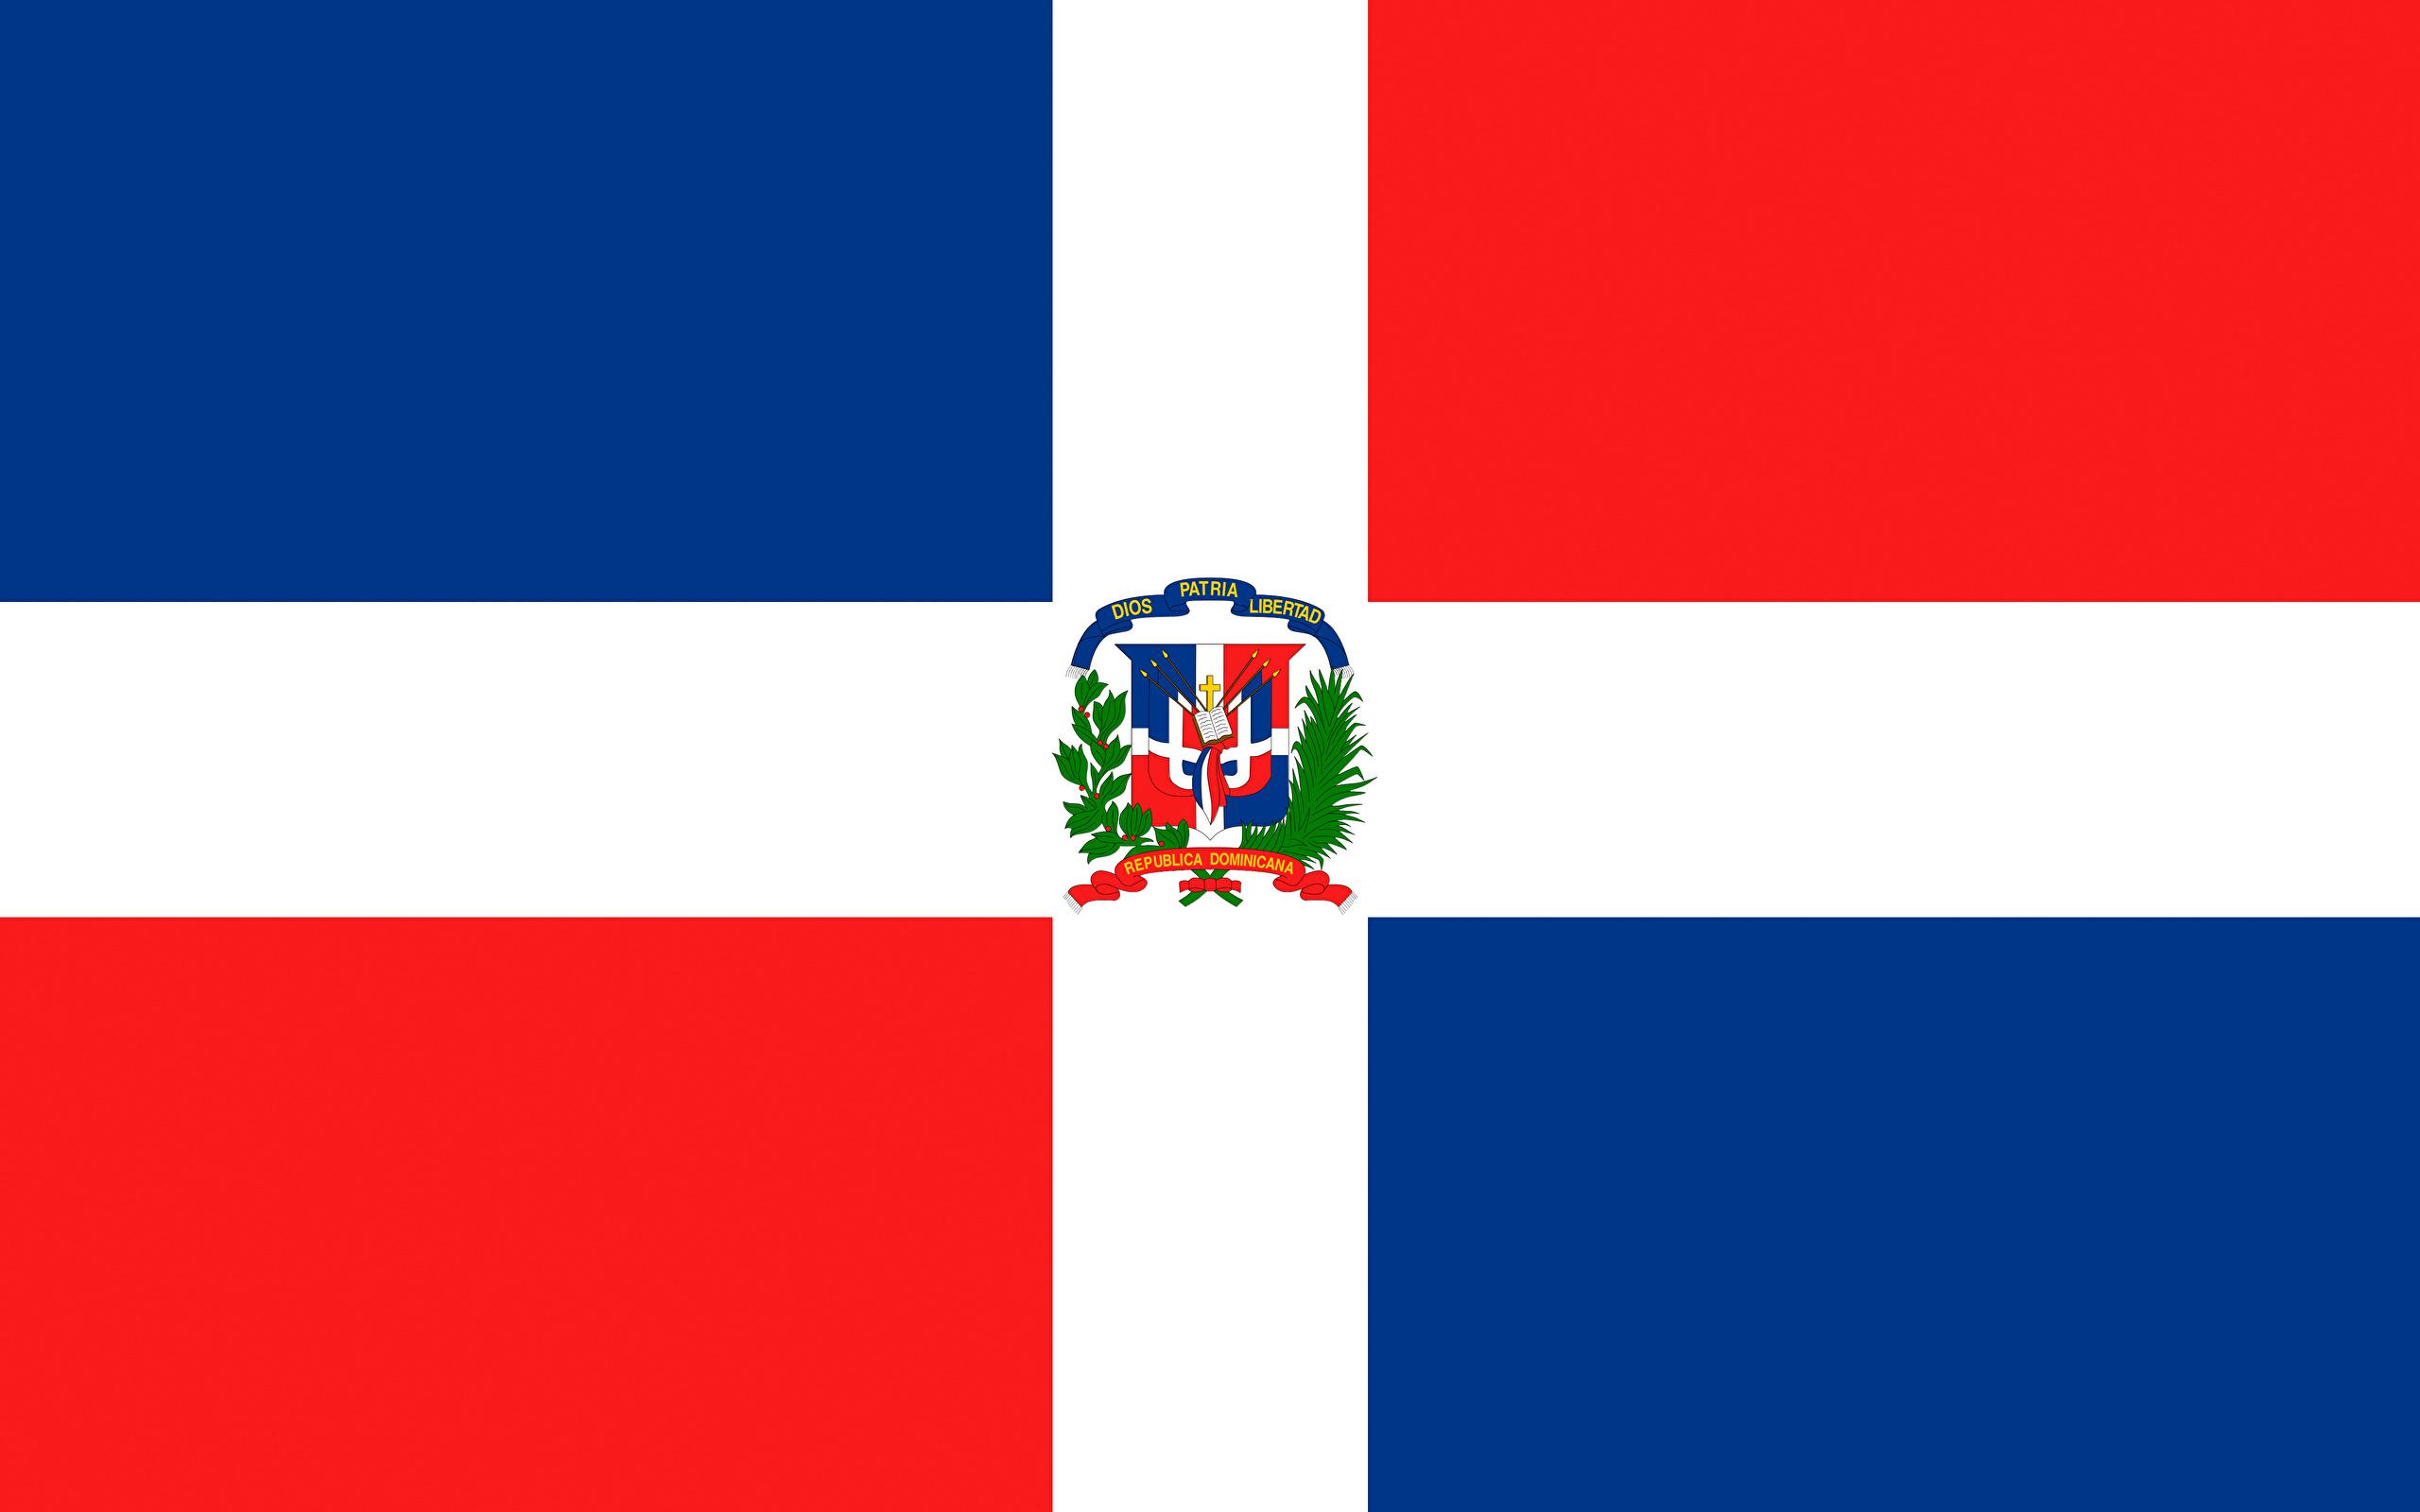 Wallpaper Dominican Republic Flag Cross 2560x1600 2560x1600